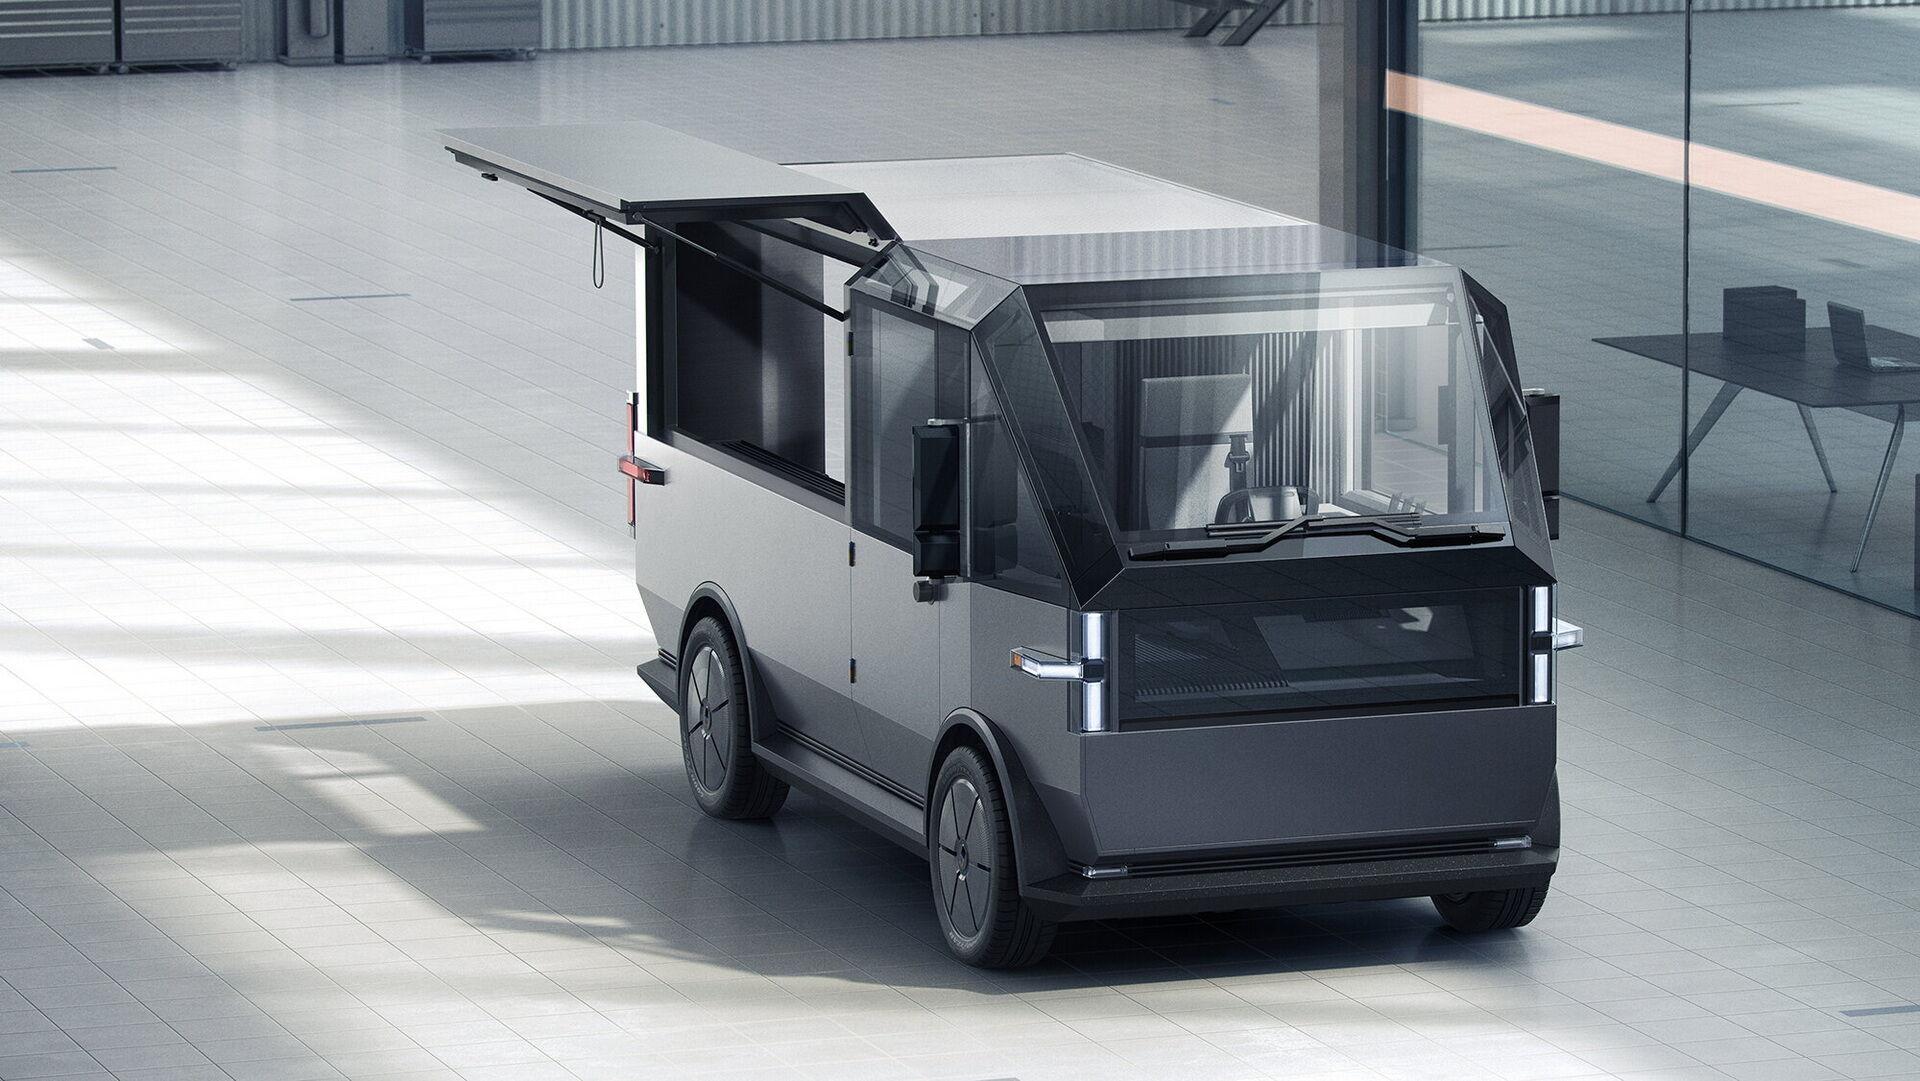 Електромобіль можна використовувати як для доставки, так і для організації пересувної торгівлі або кафе на колесах